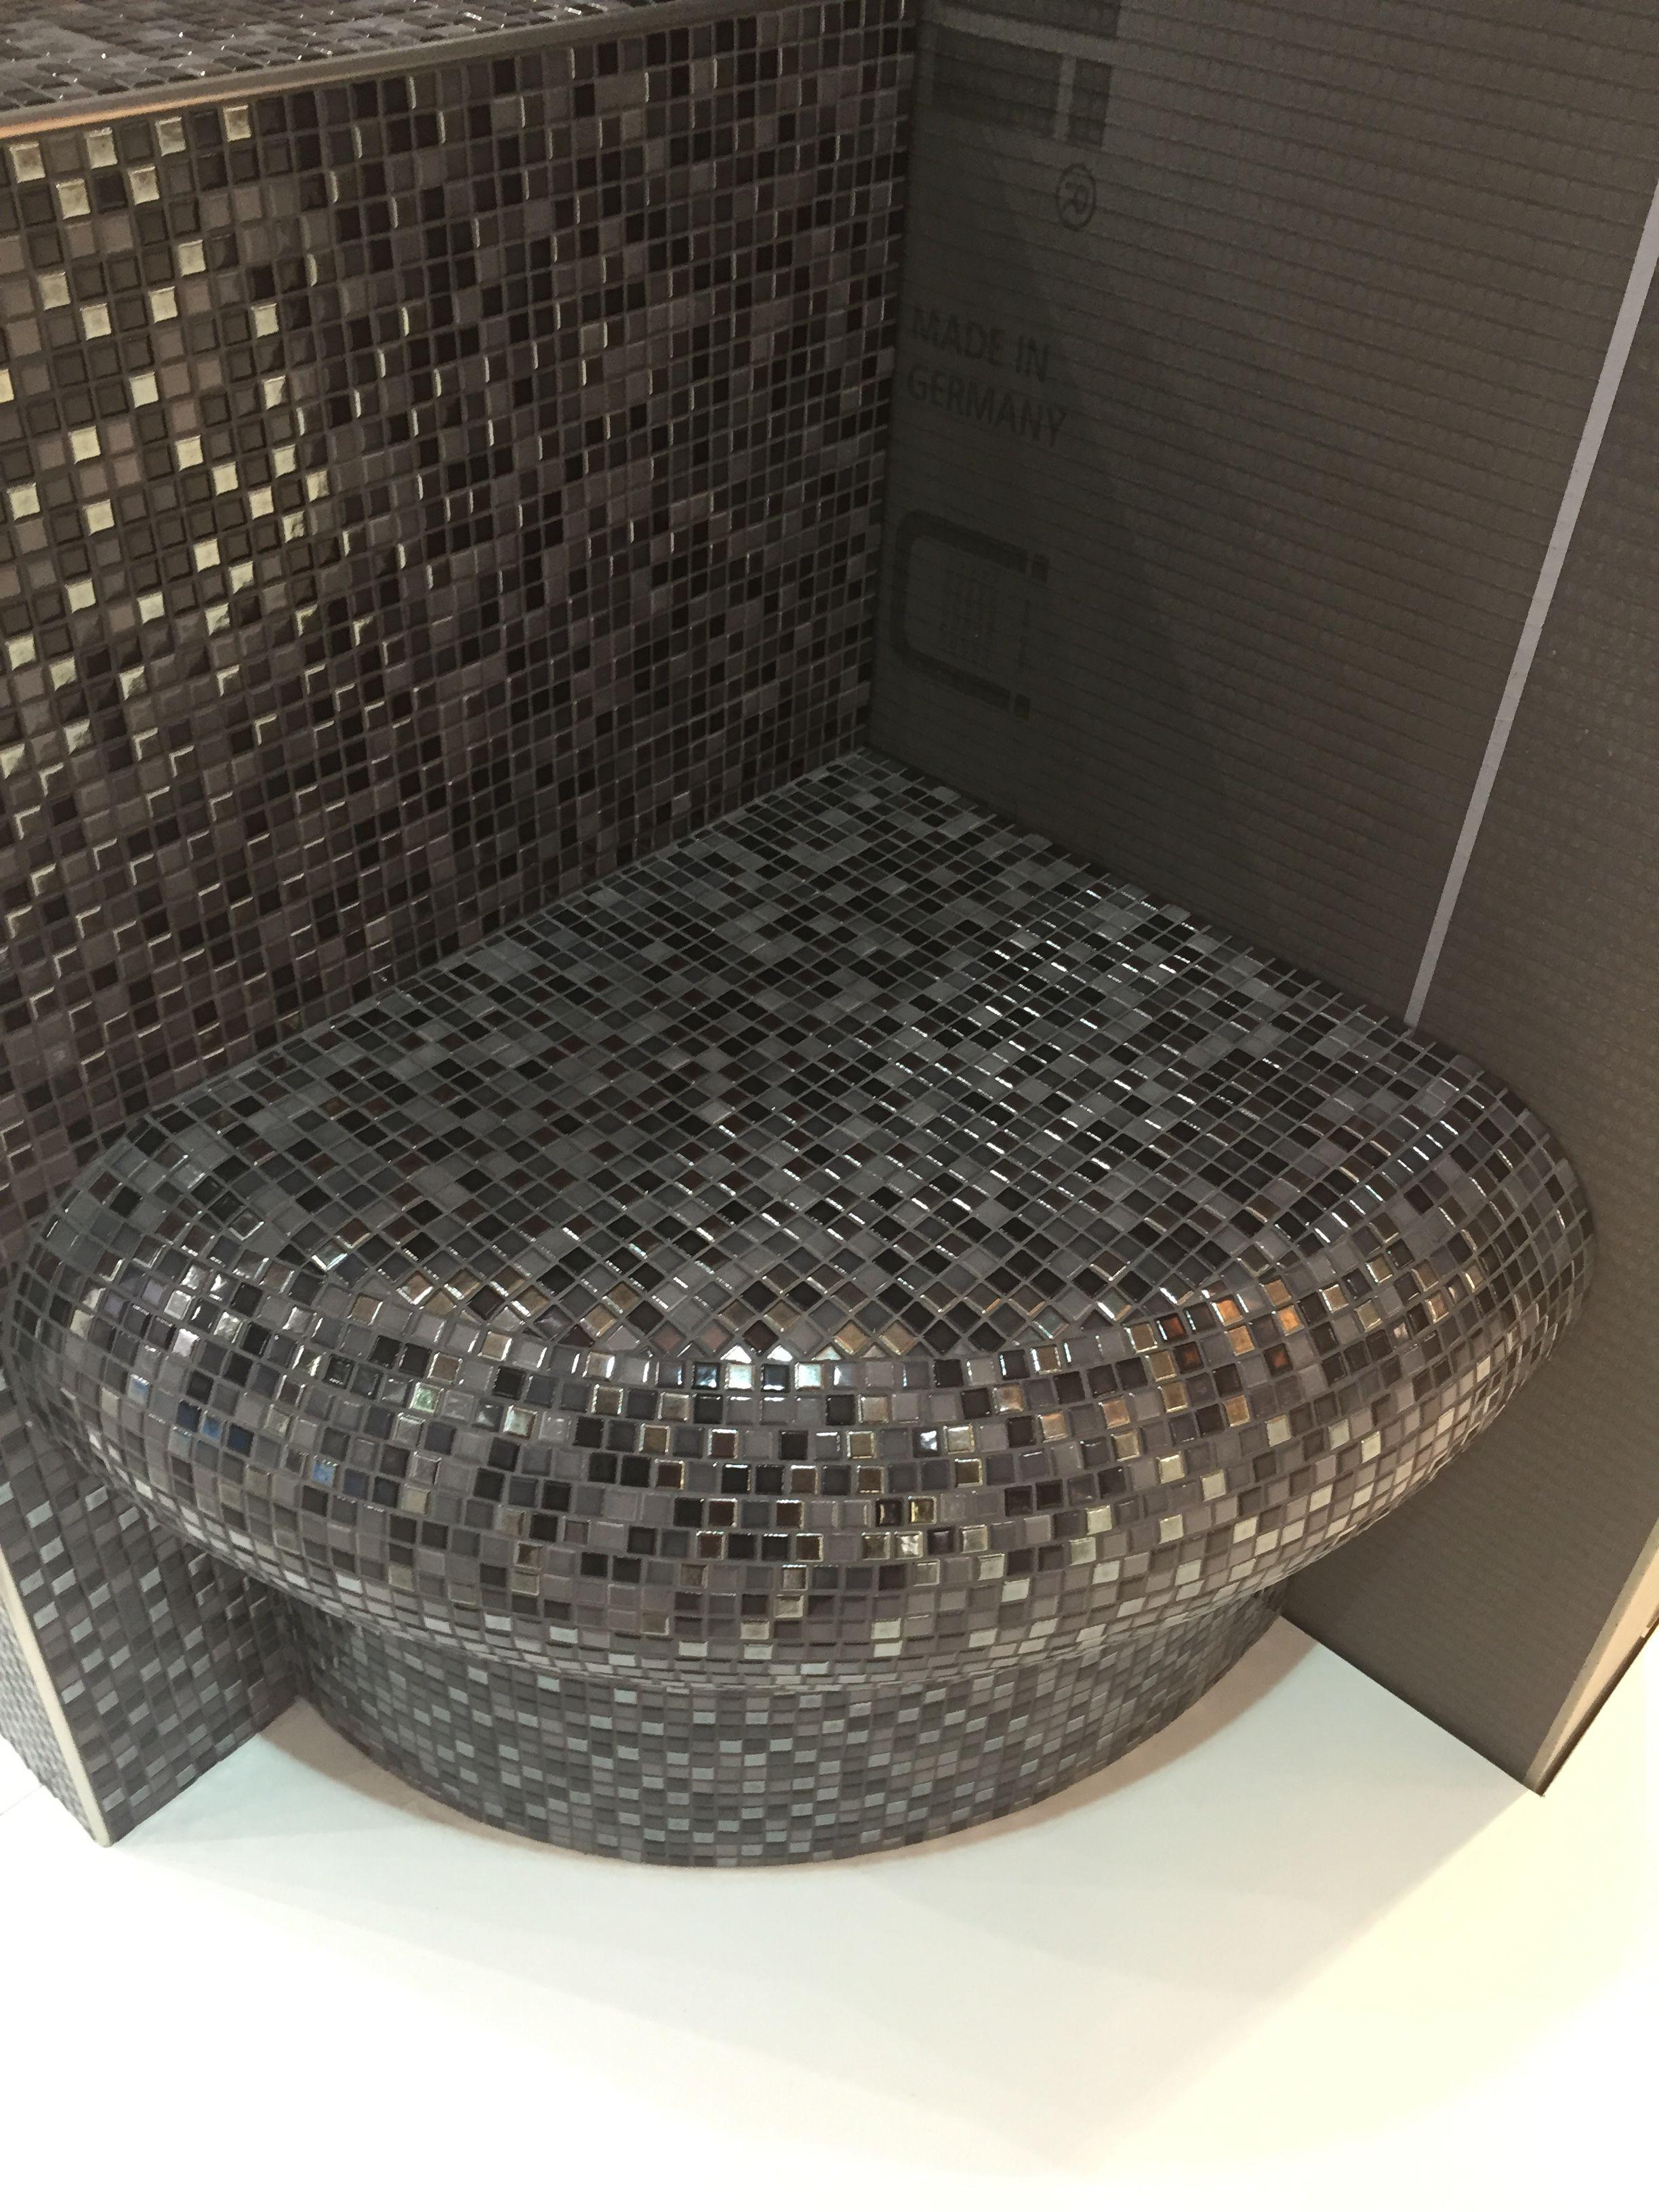 Sitzbank Dusche Oder Sauna Aus Wedi Bauplatten Mit Jasba Mosaik Fliesen Natural Glamour Walk In Dusche Dusche Fliesen Nasszelle